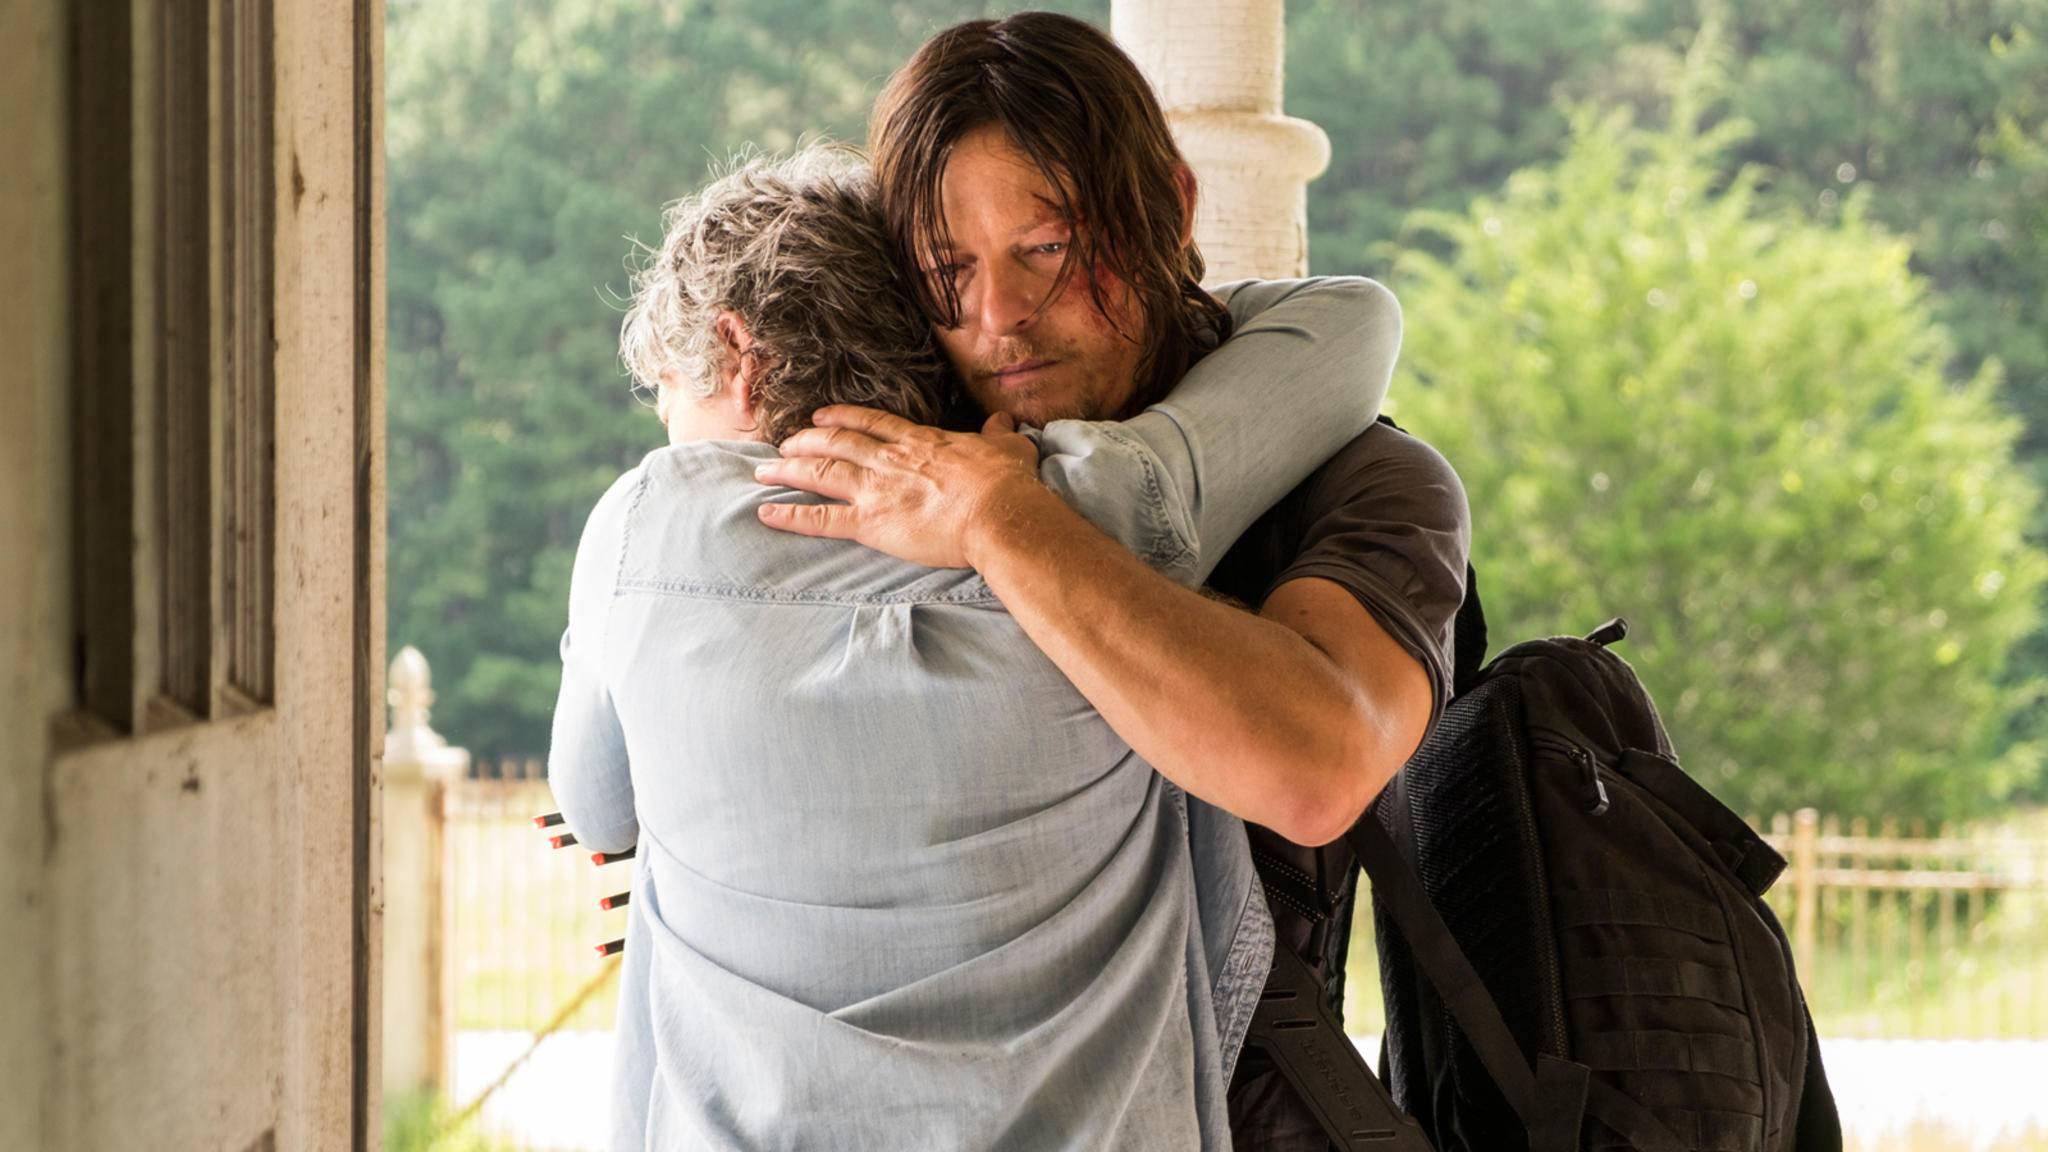 Ob Daryl und Carol in Staffel 9 endlich zueinanderfinden?